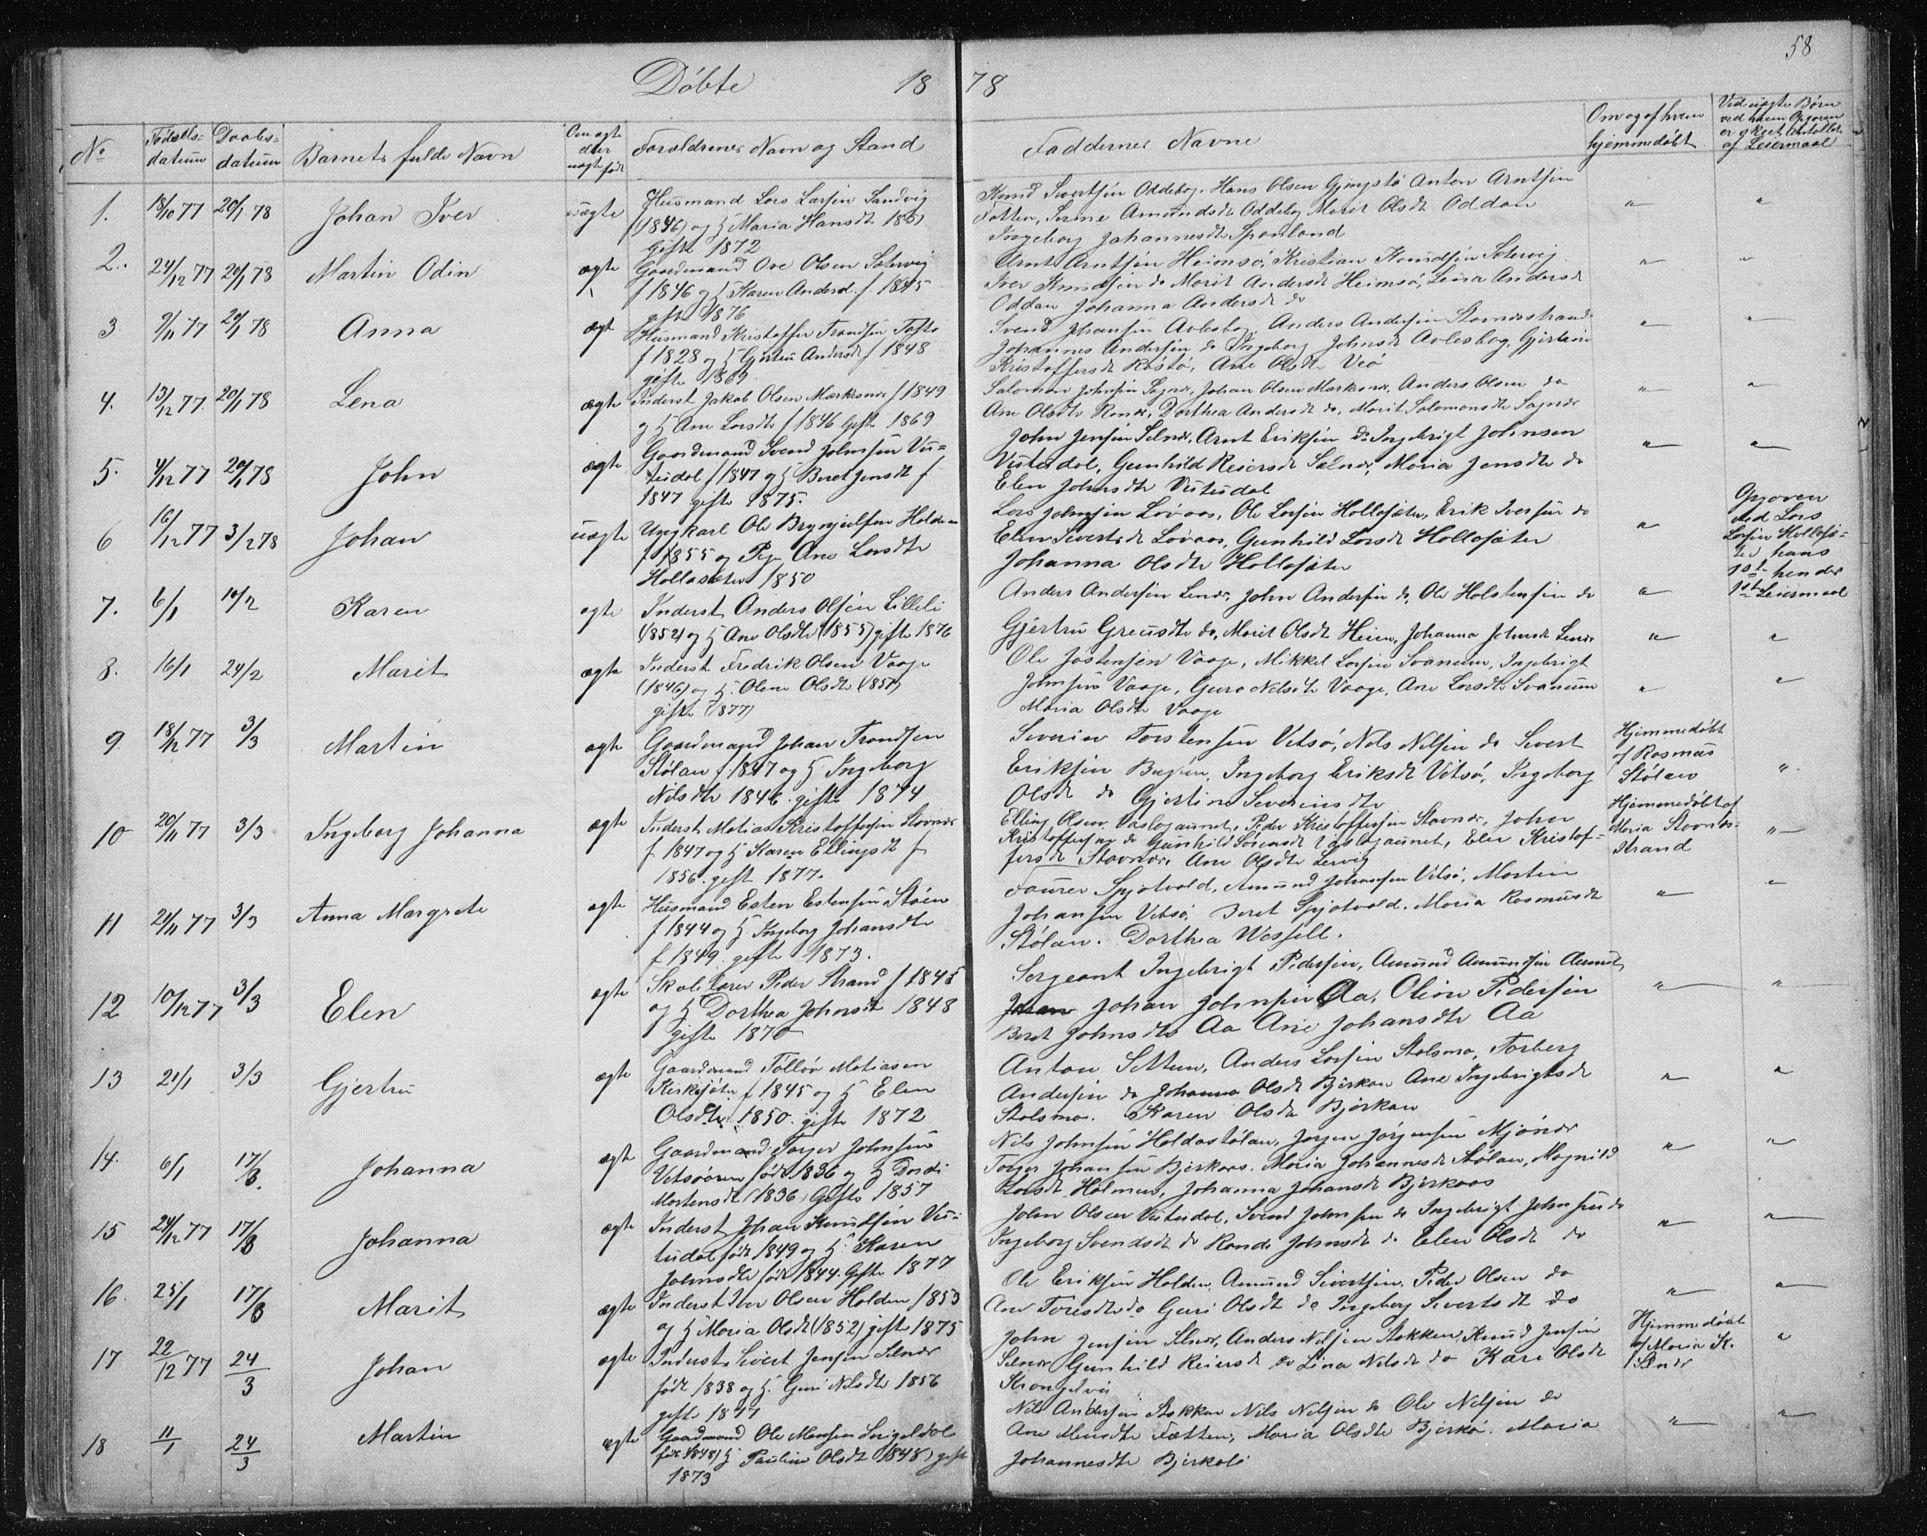 SAT, Ministerialprotokoller, klokkerbøker og fødselsregistre - Sør-Trøndelag, 630/L0503: Klokkerbok nr. 630C01, 1869-1878, s. 58